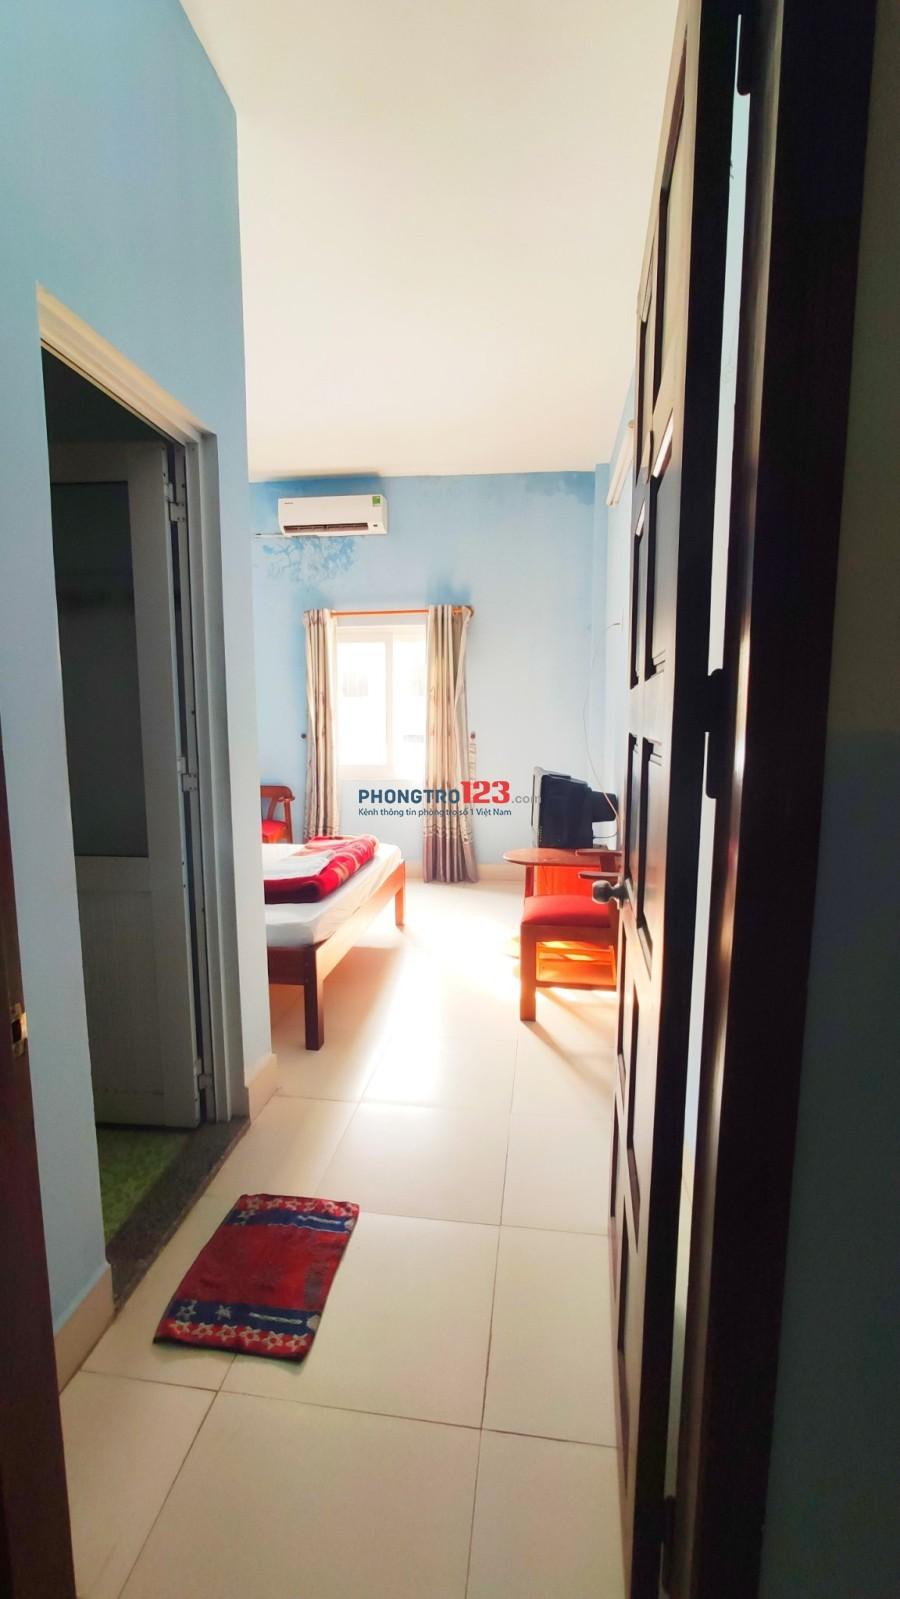 Chp thuê phòng trọ khu vực Mỹ An 1, Đà Nẵng